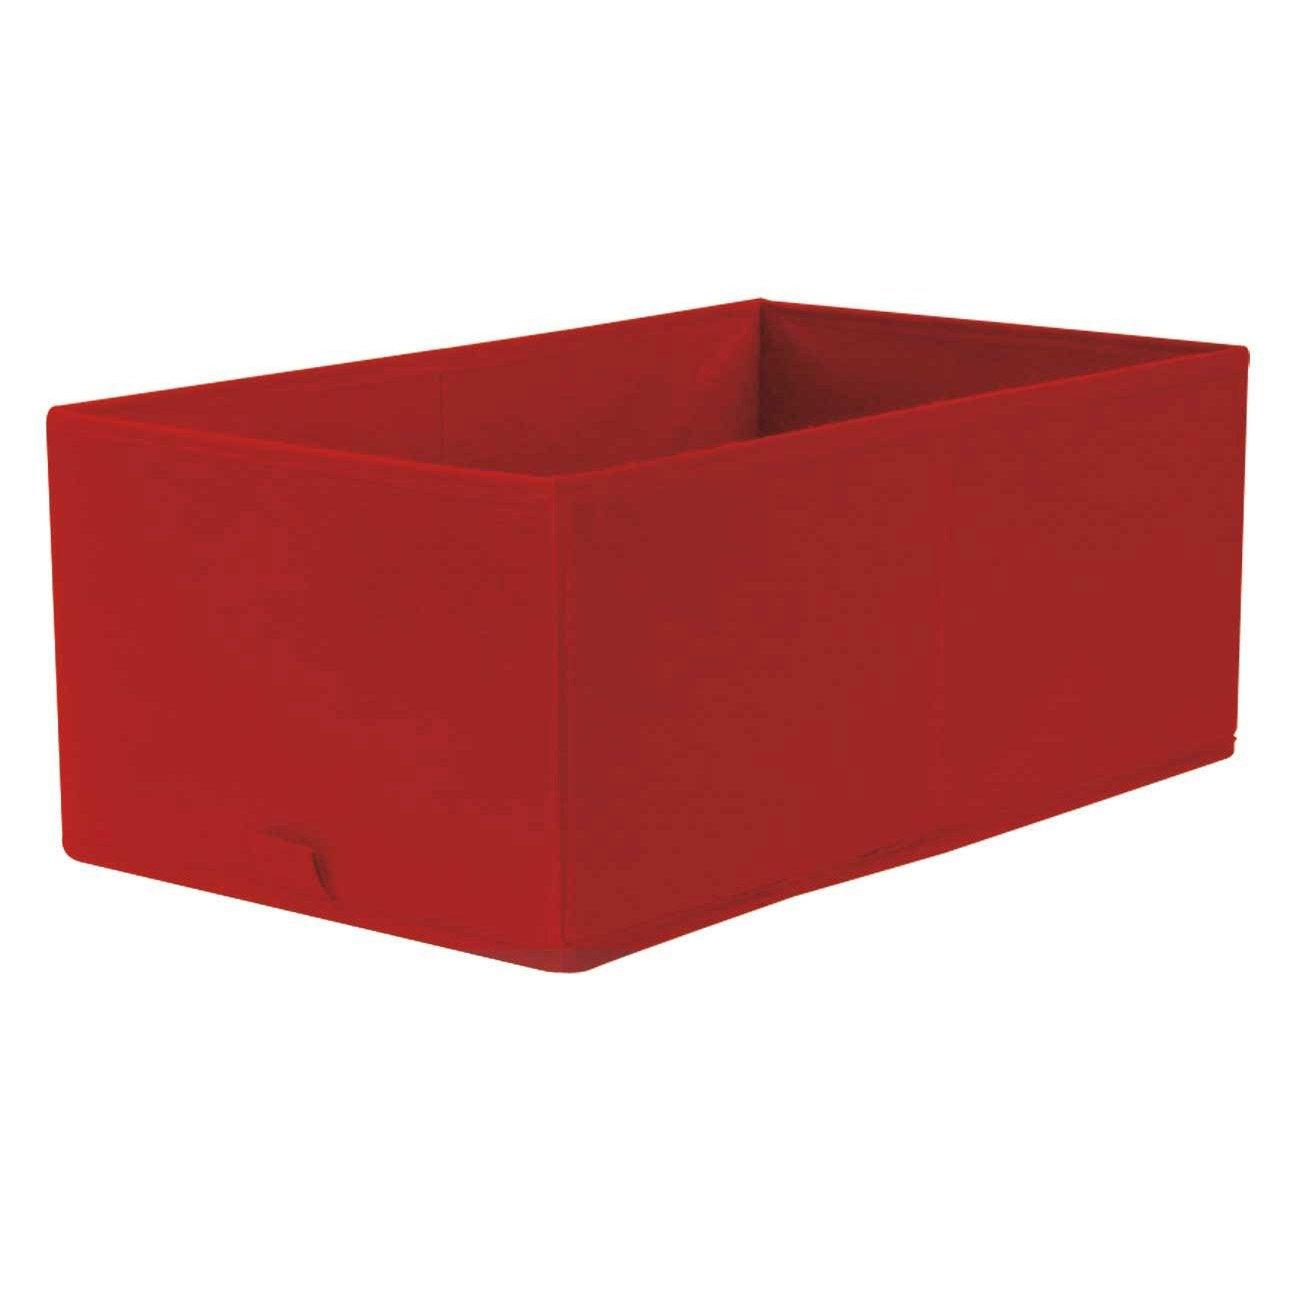 Panier de rangement spaceo rouge x x cm - Panier rangement leroy merlin ...